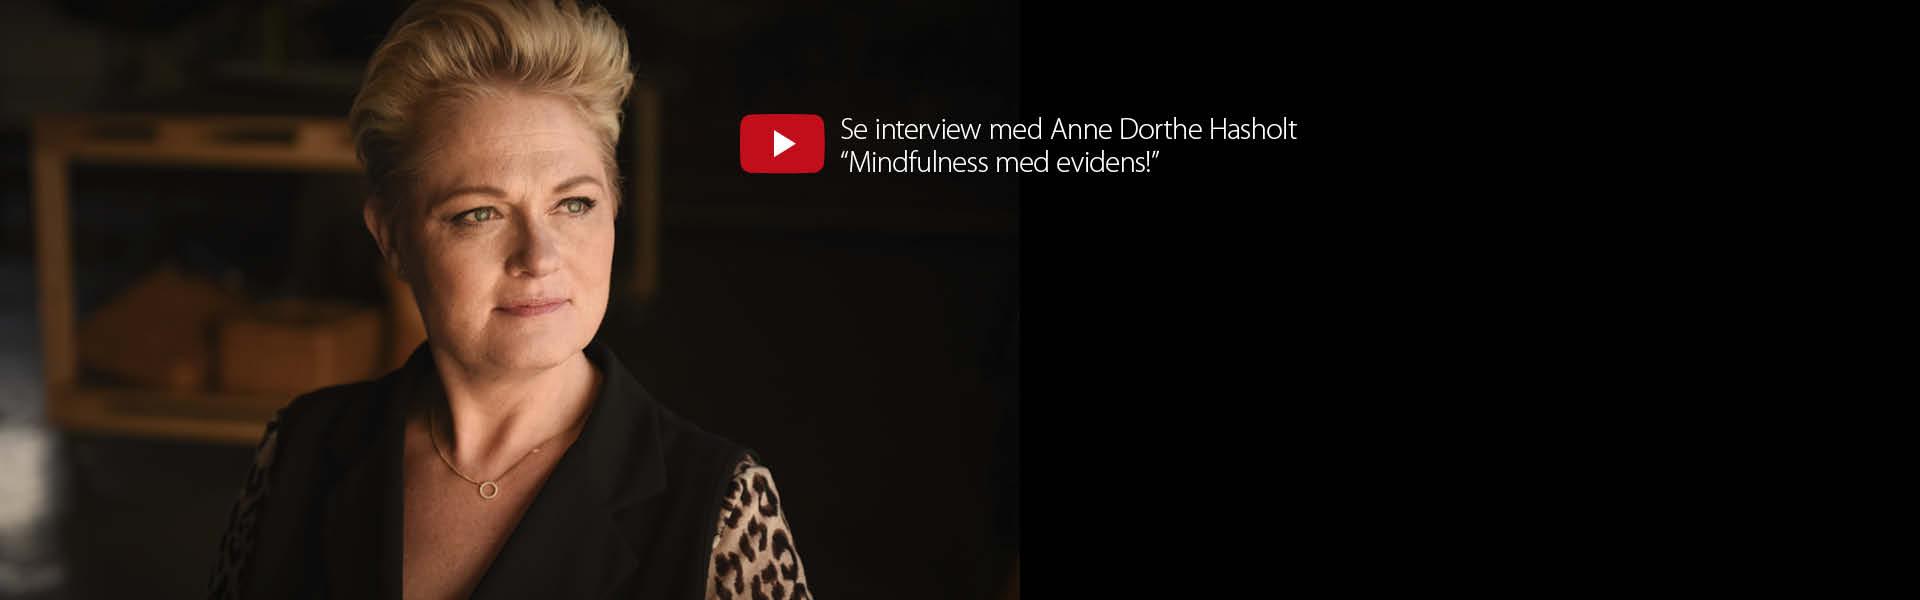 Videocover_1920x600px_Anne Dorthe Hasholt_Mindfulness med evidens